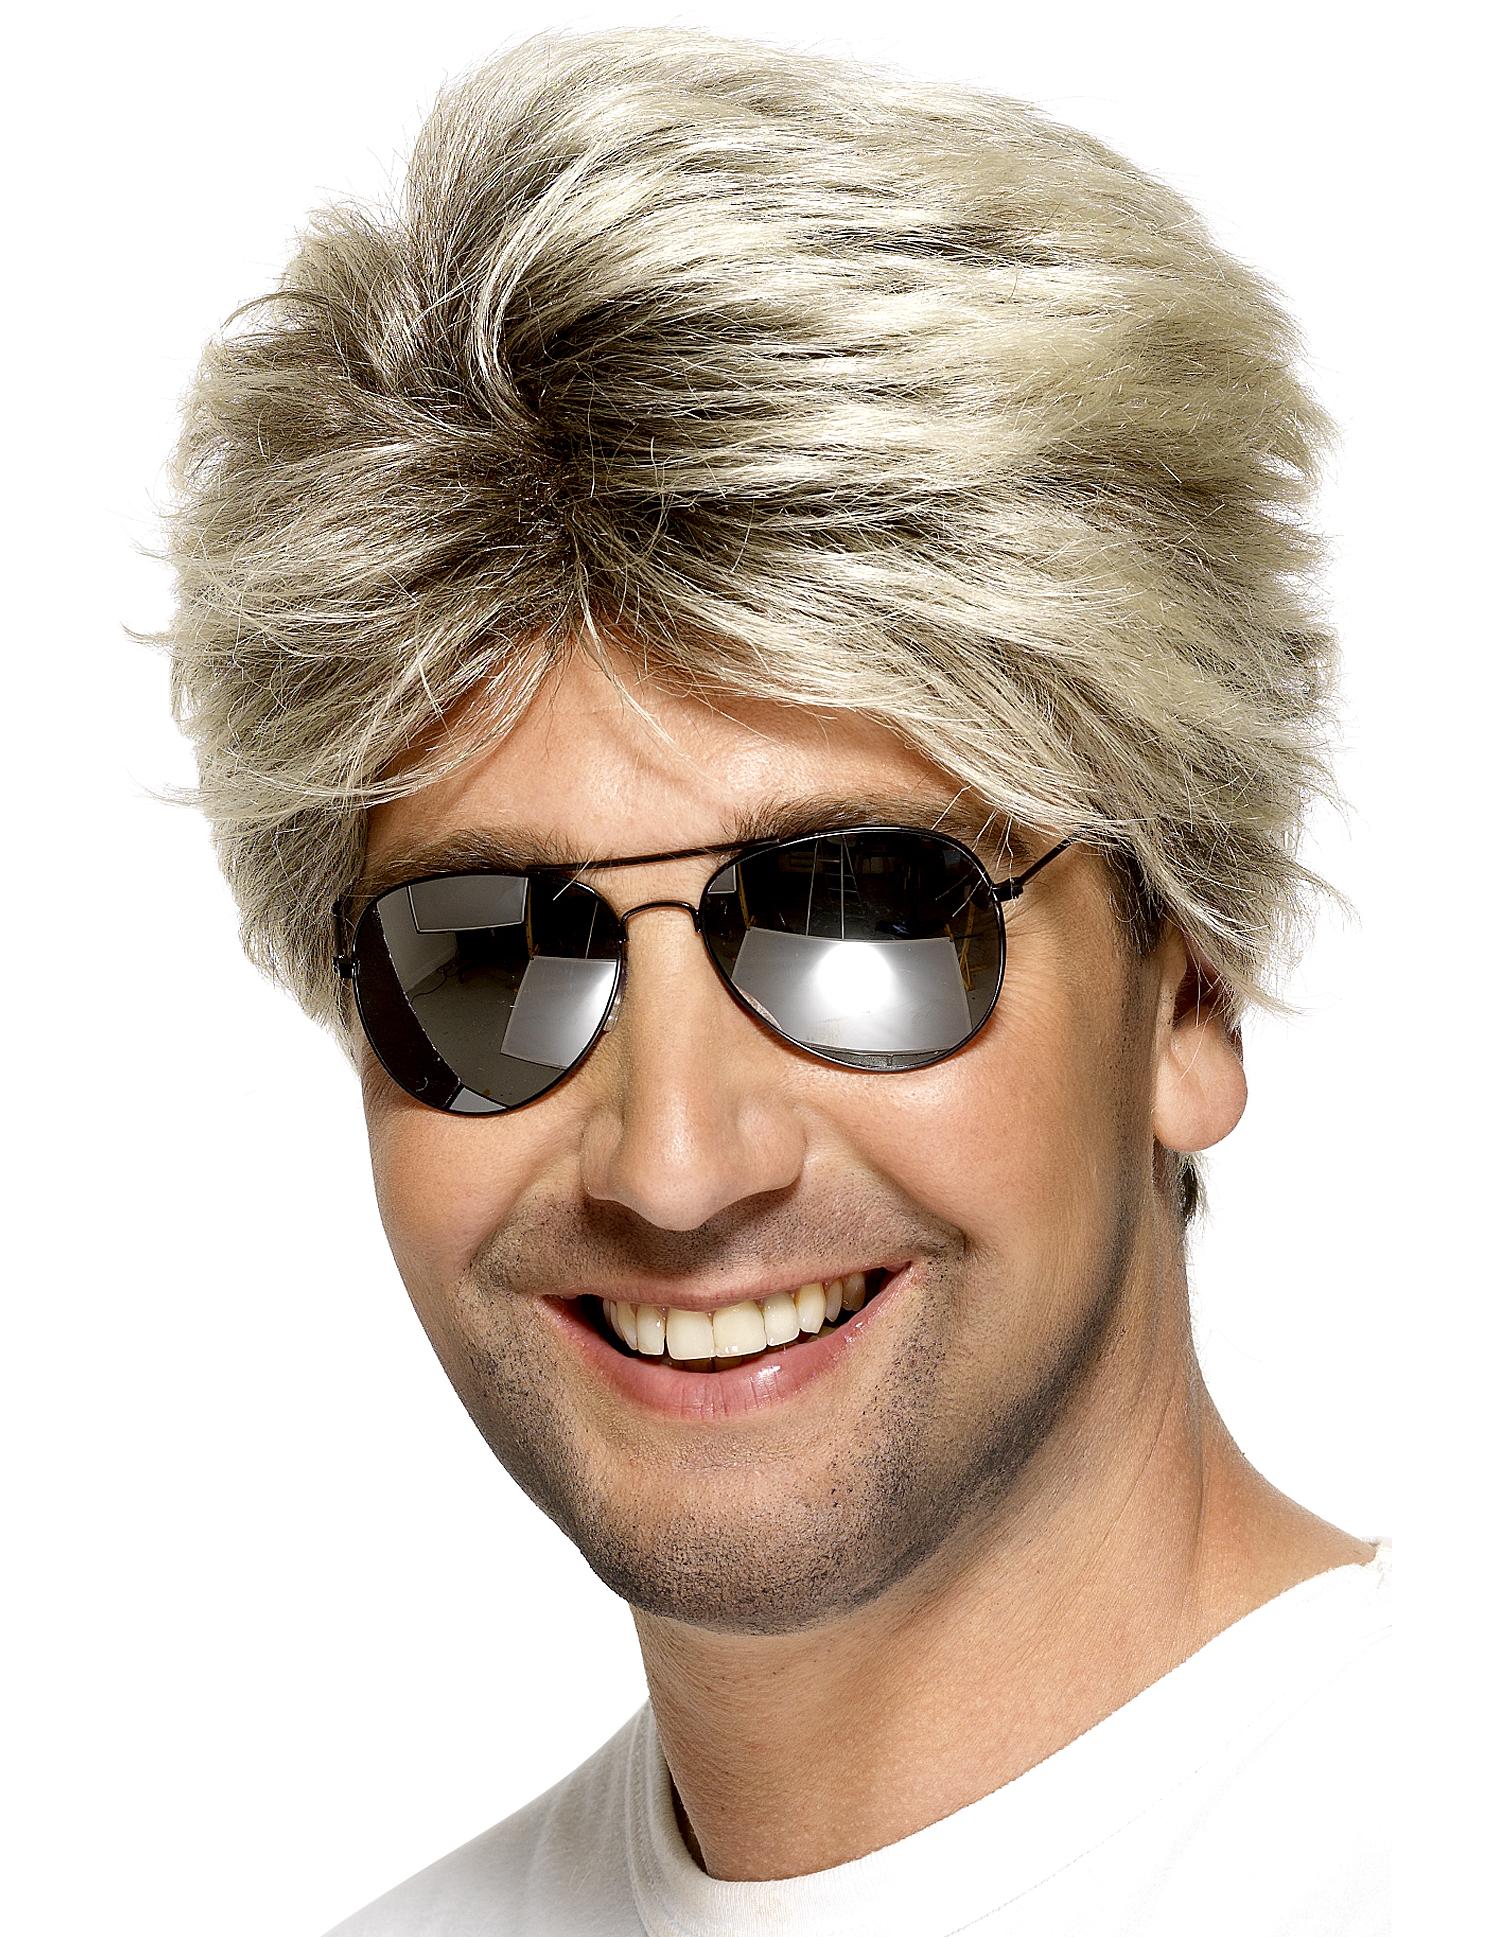 Perruque blonde courte homme, décoration